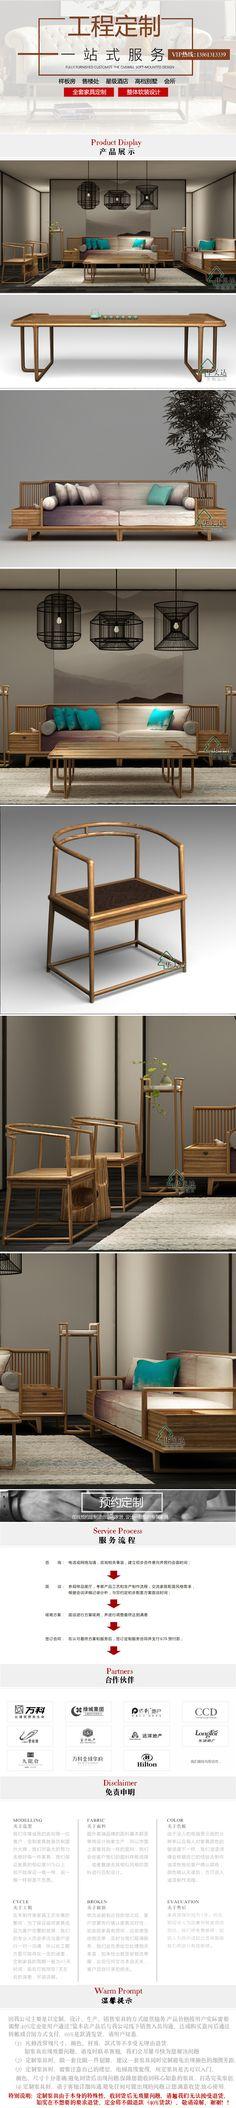 德仕邦 现代中式仿古实木沙发 新中式客厅禅意布艺组合沙发家具-淘宝网